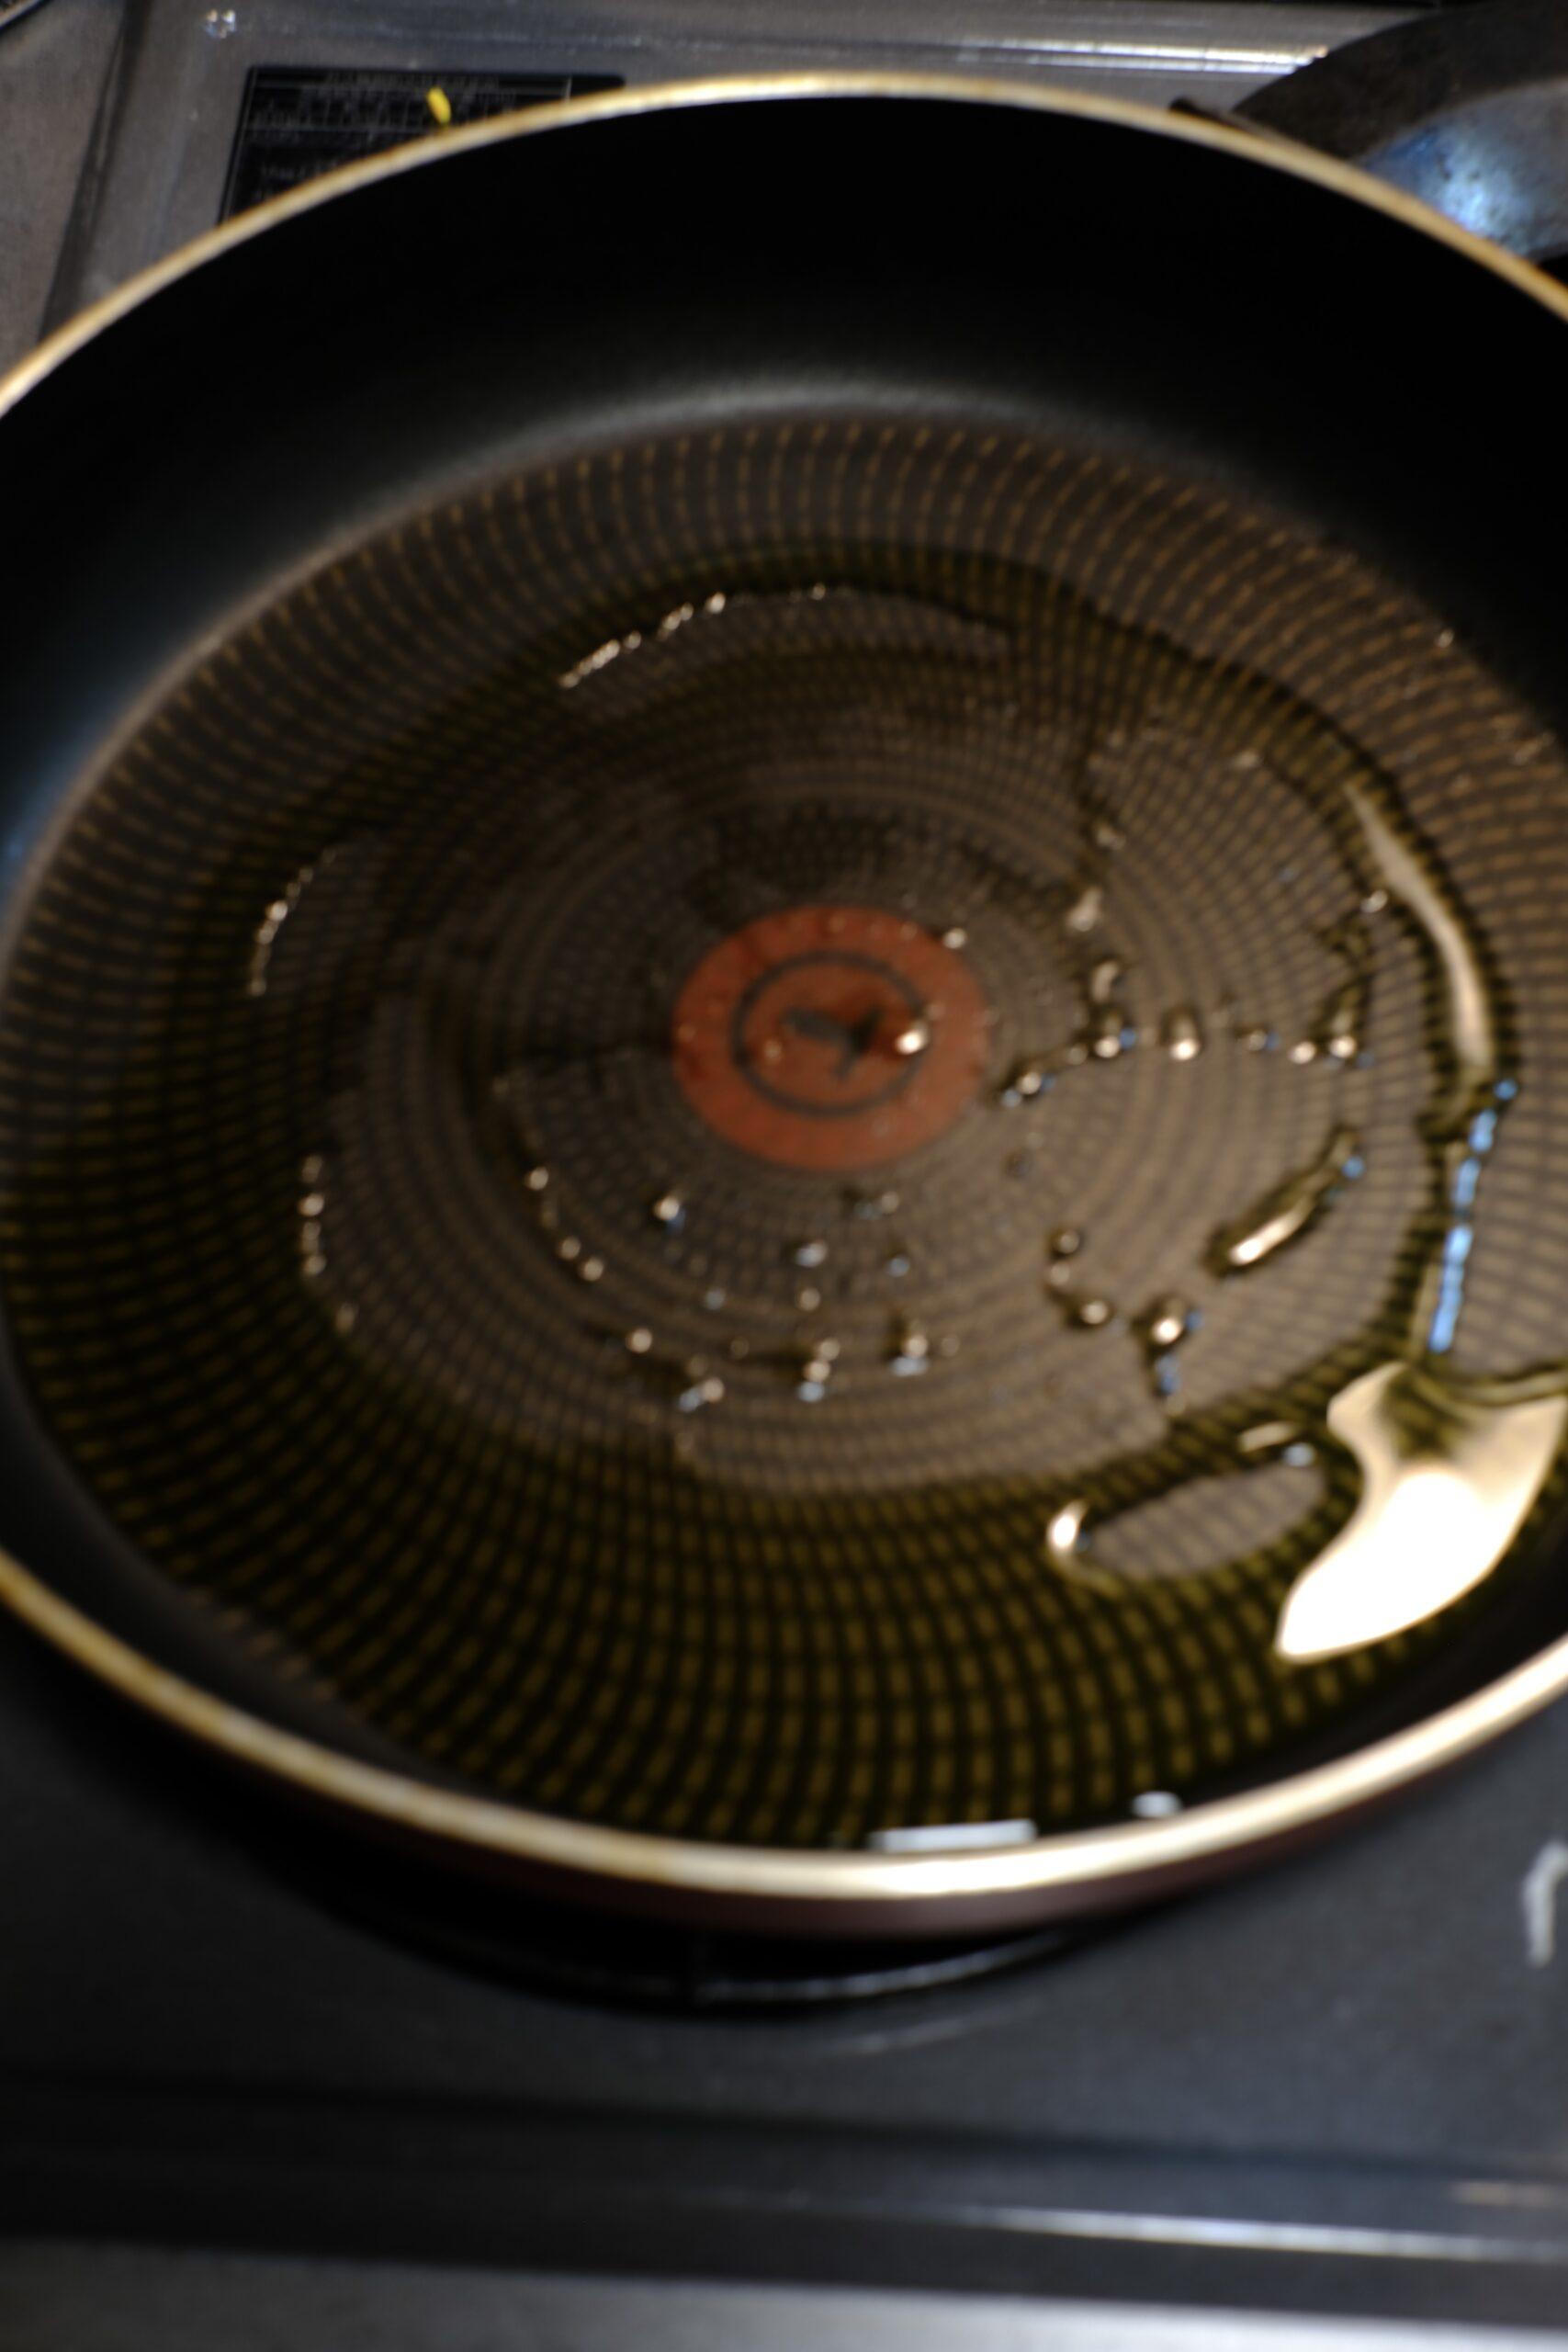 フライパンに大さじ3位のオリーブオイルを入れ、加熱している様子の画像です